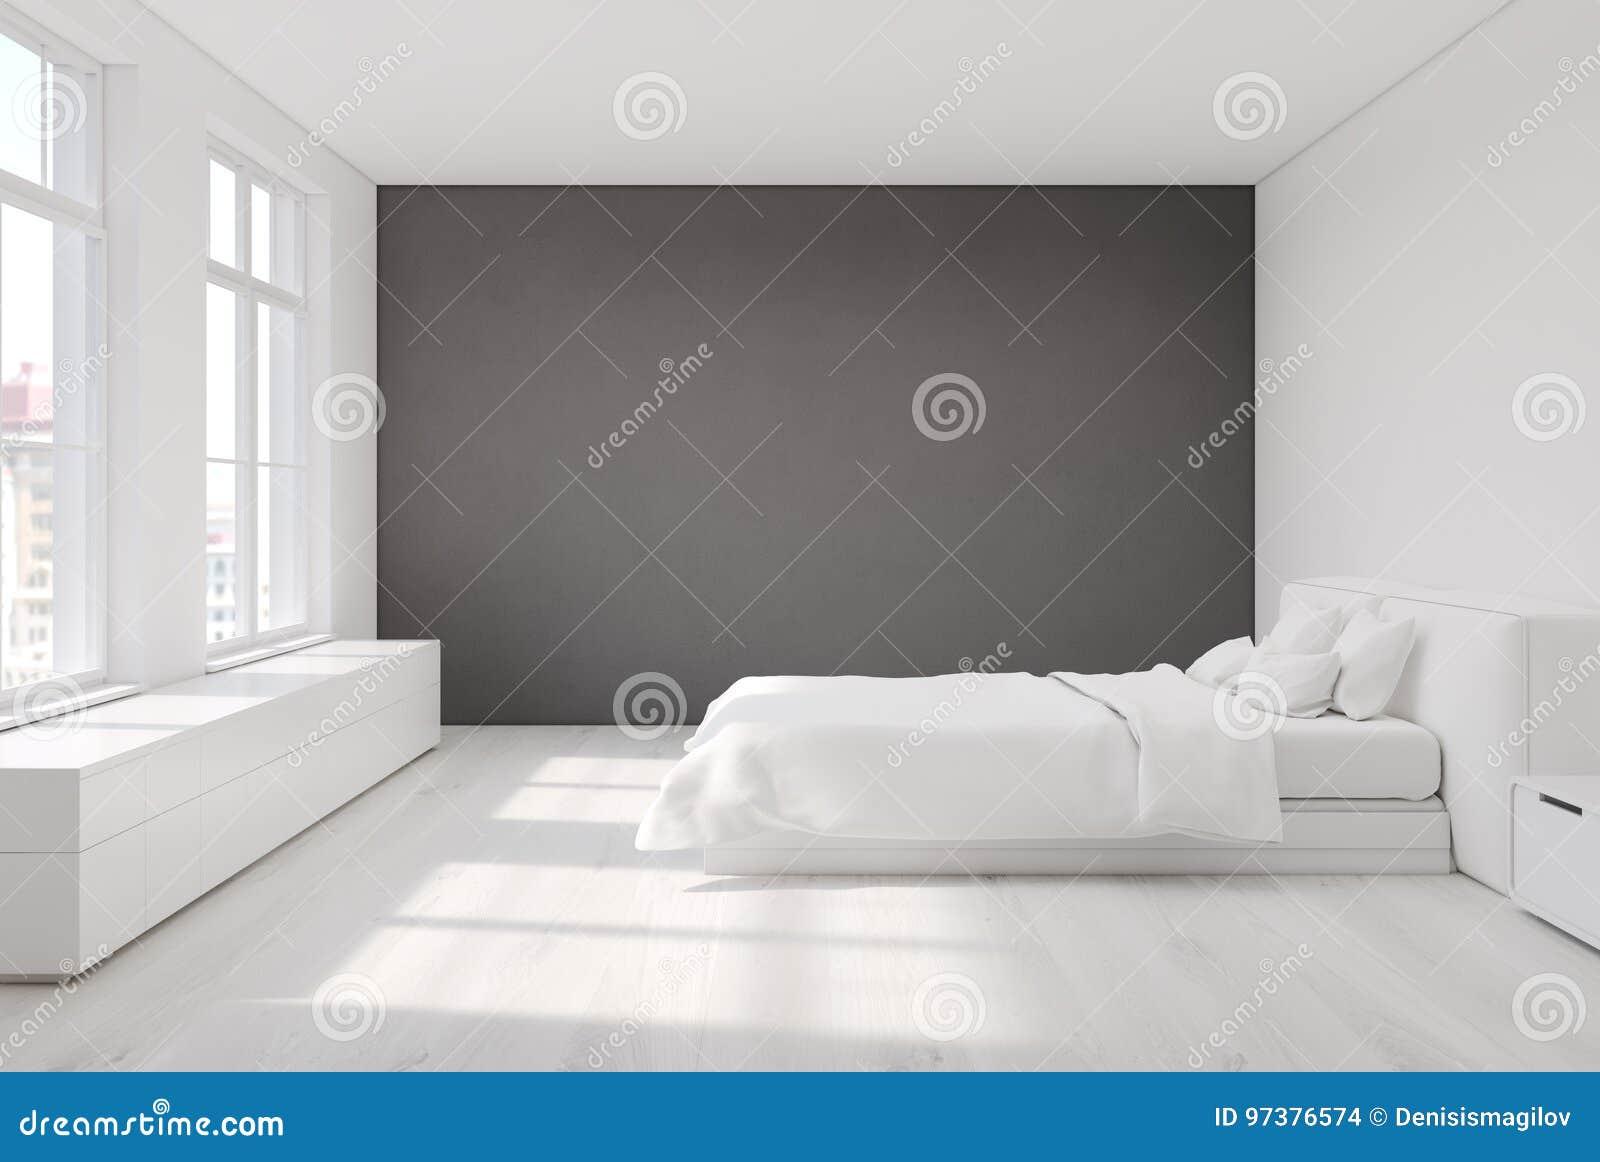 Ongekend Witte Slaapkamer Met Een Grijze Muur Stock Illustratie TI-22